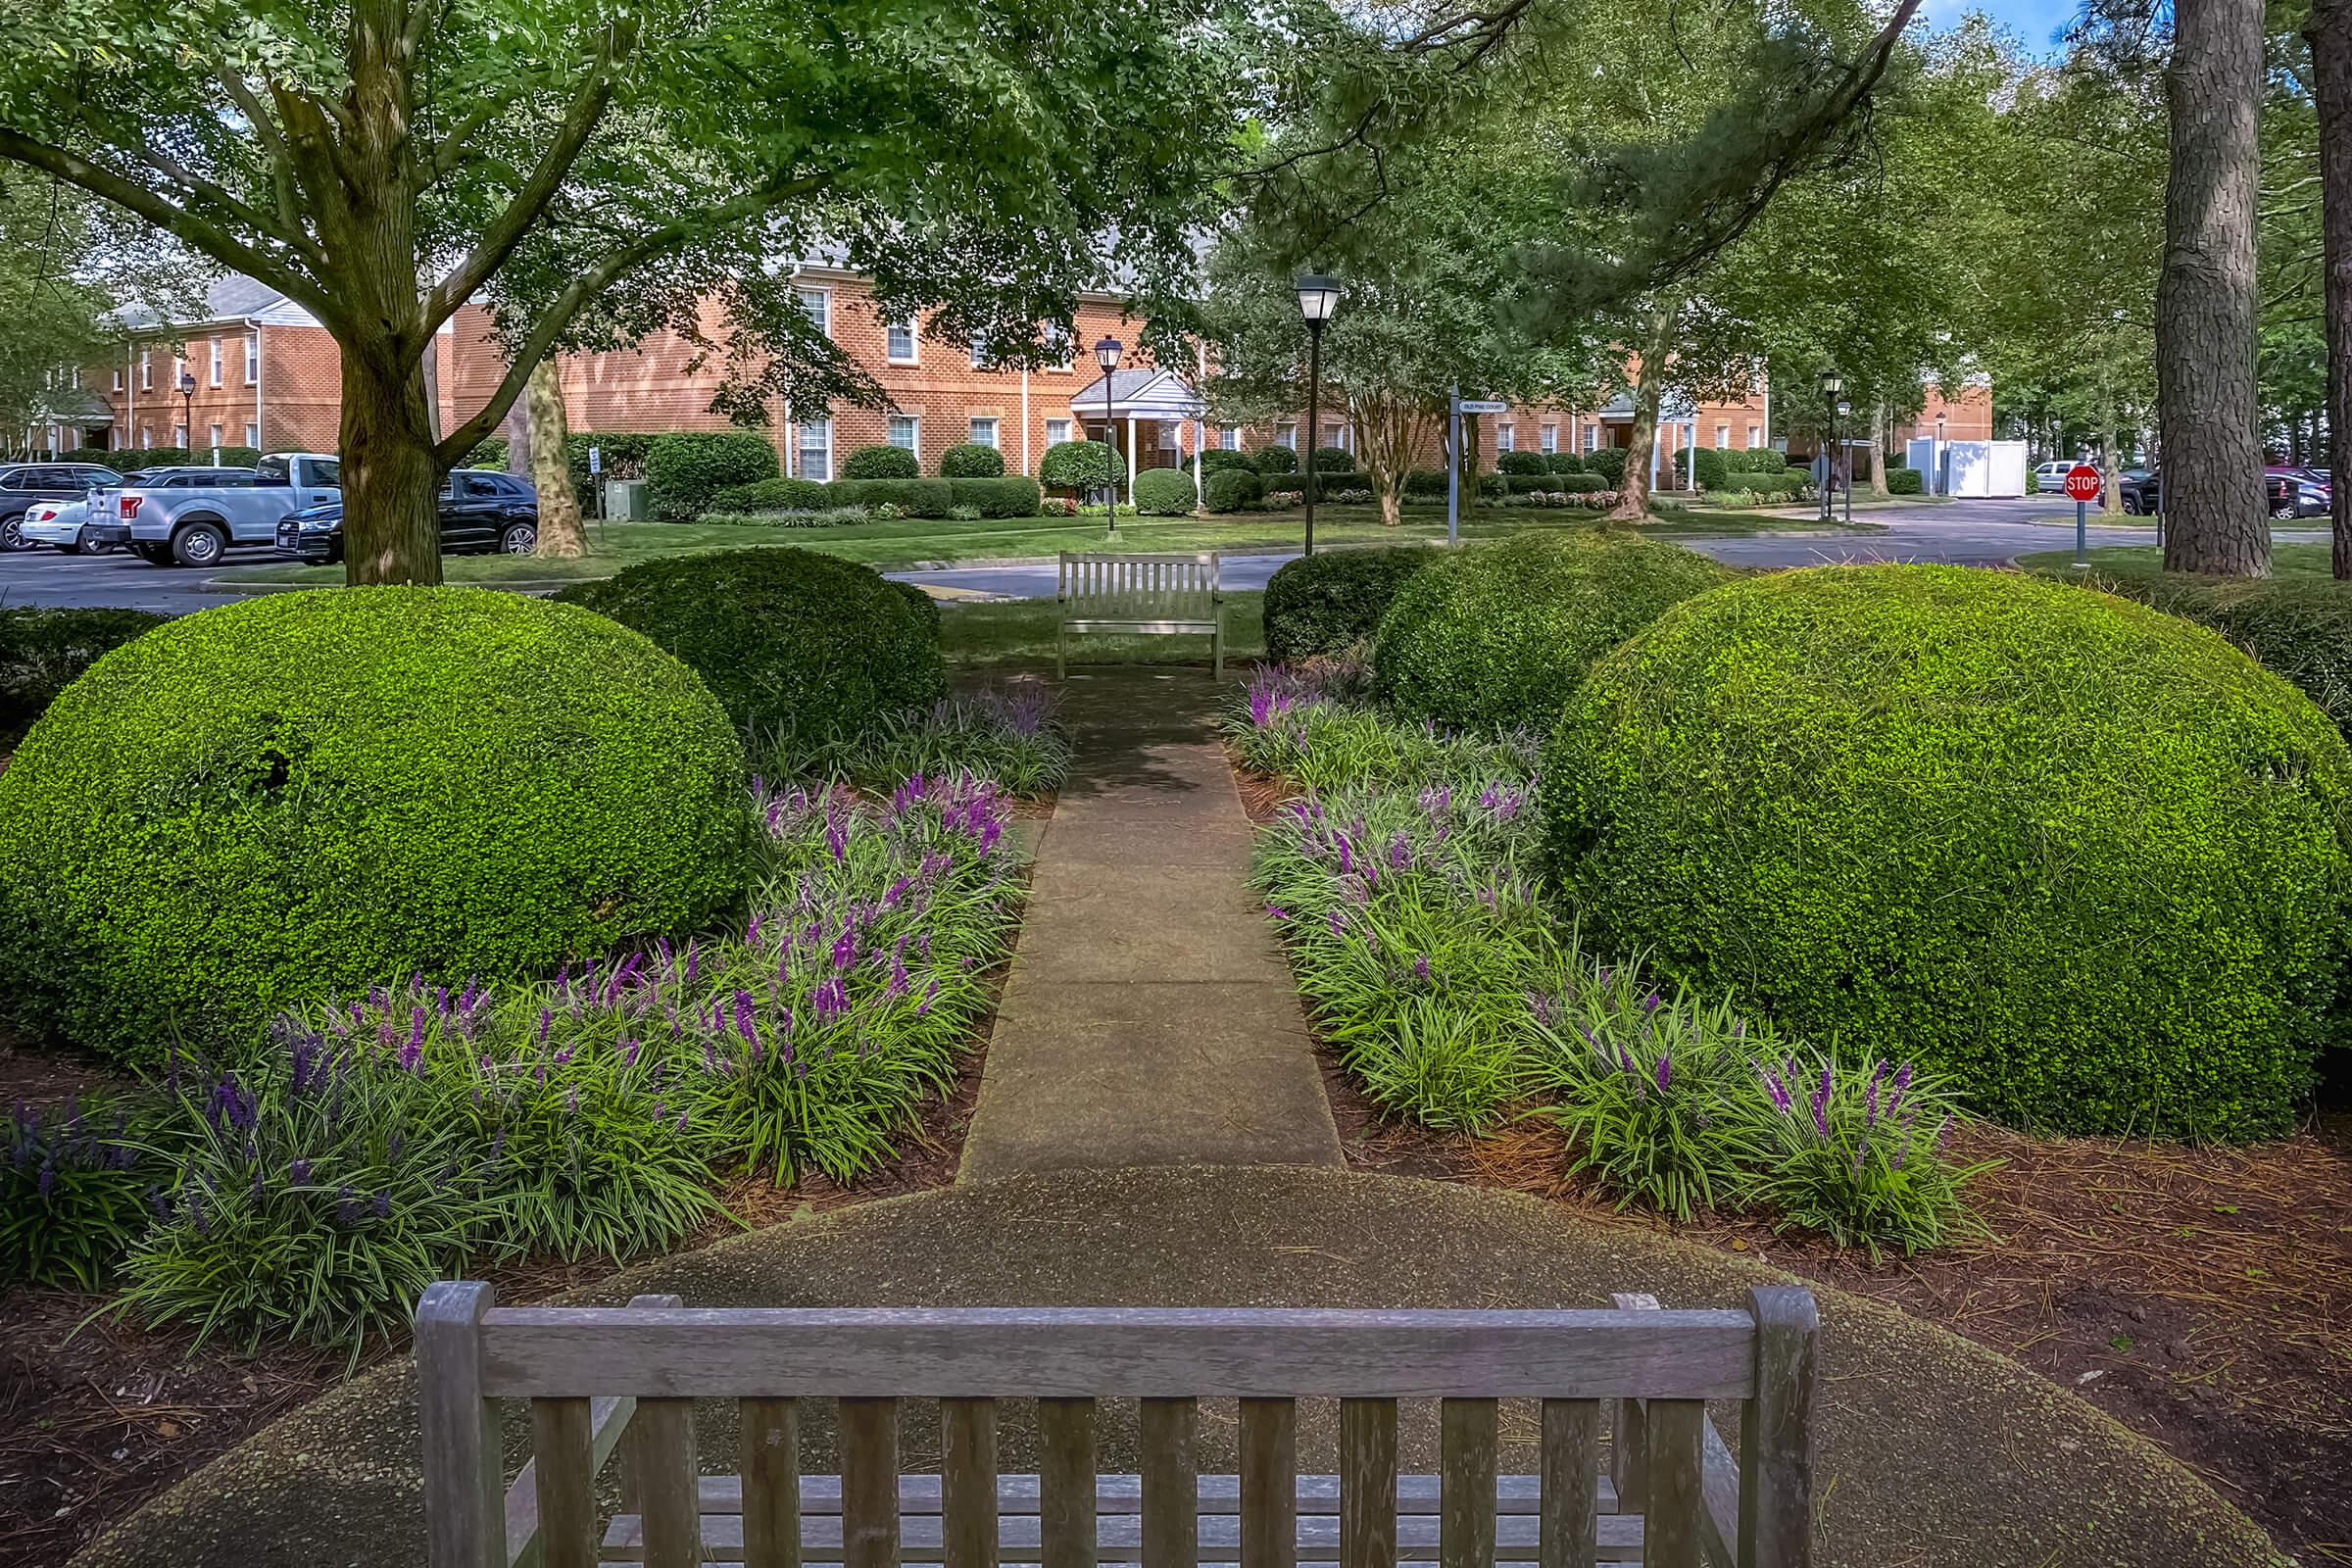 a row of park benches in a garden